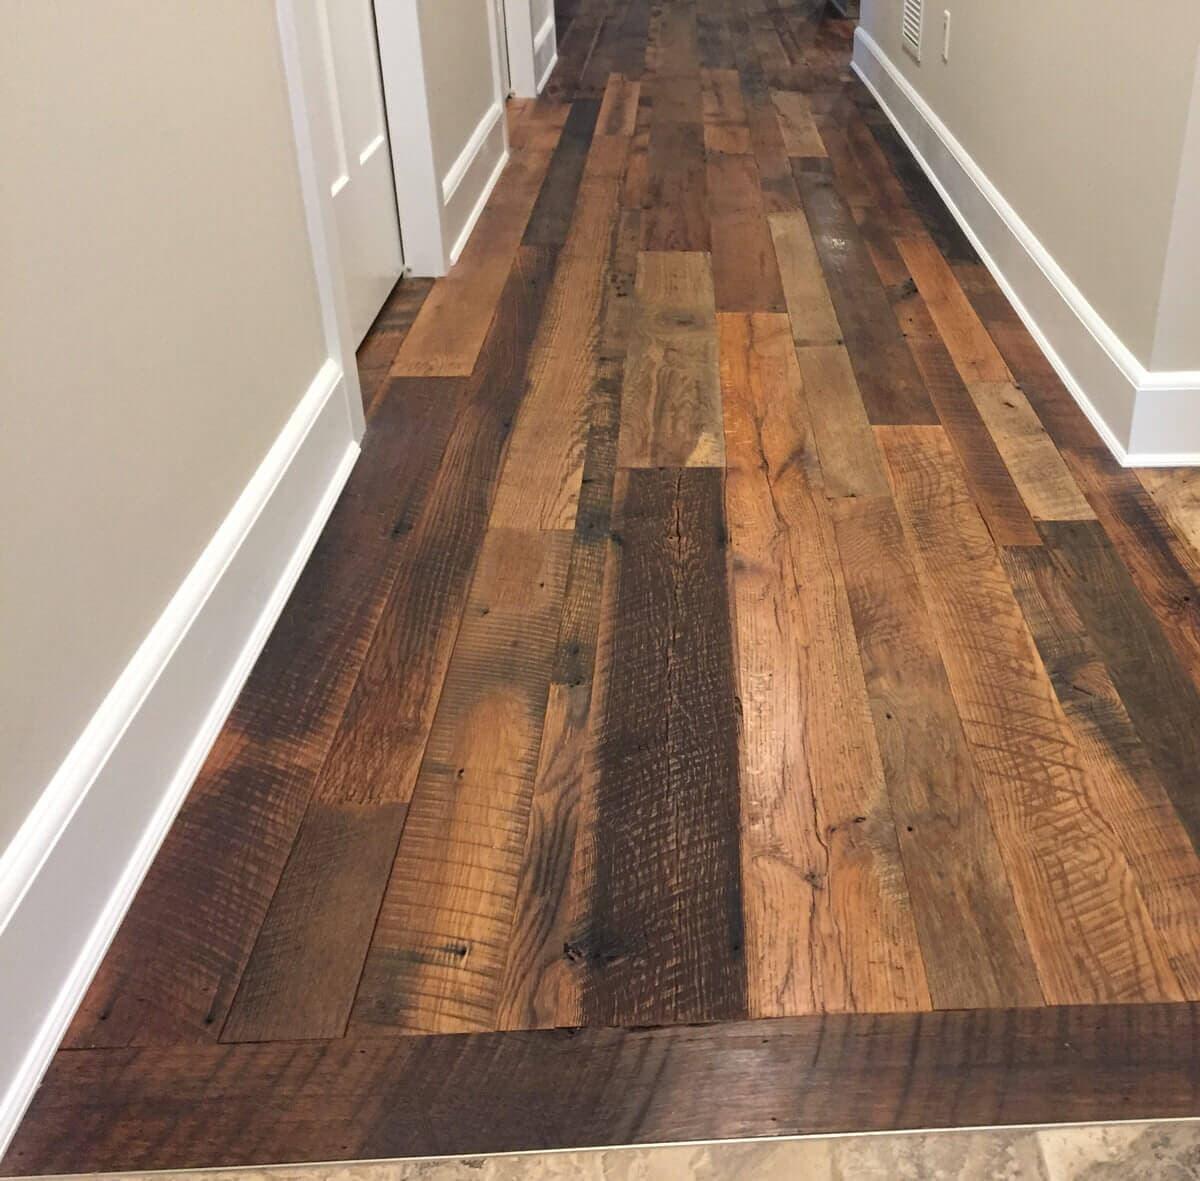 Rustic reclaimed oak flooring in hallway.